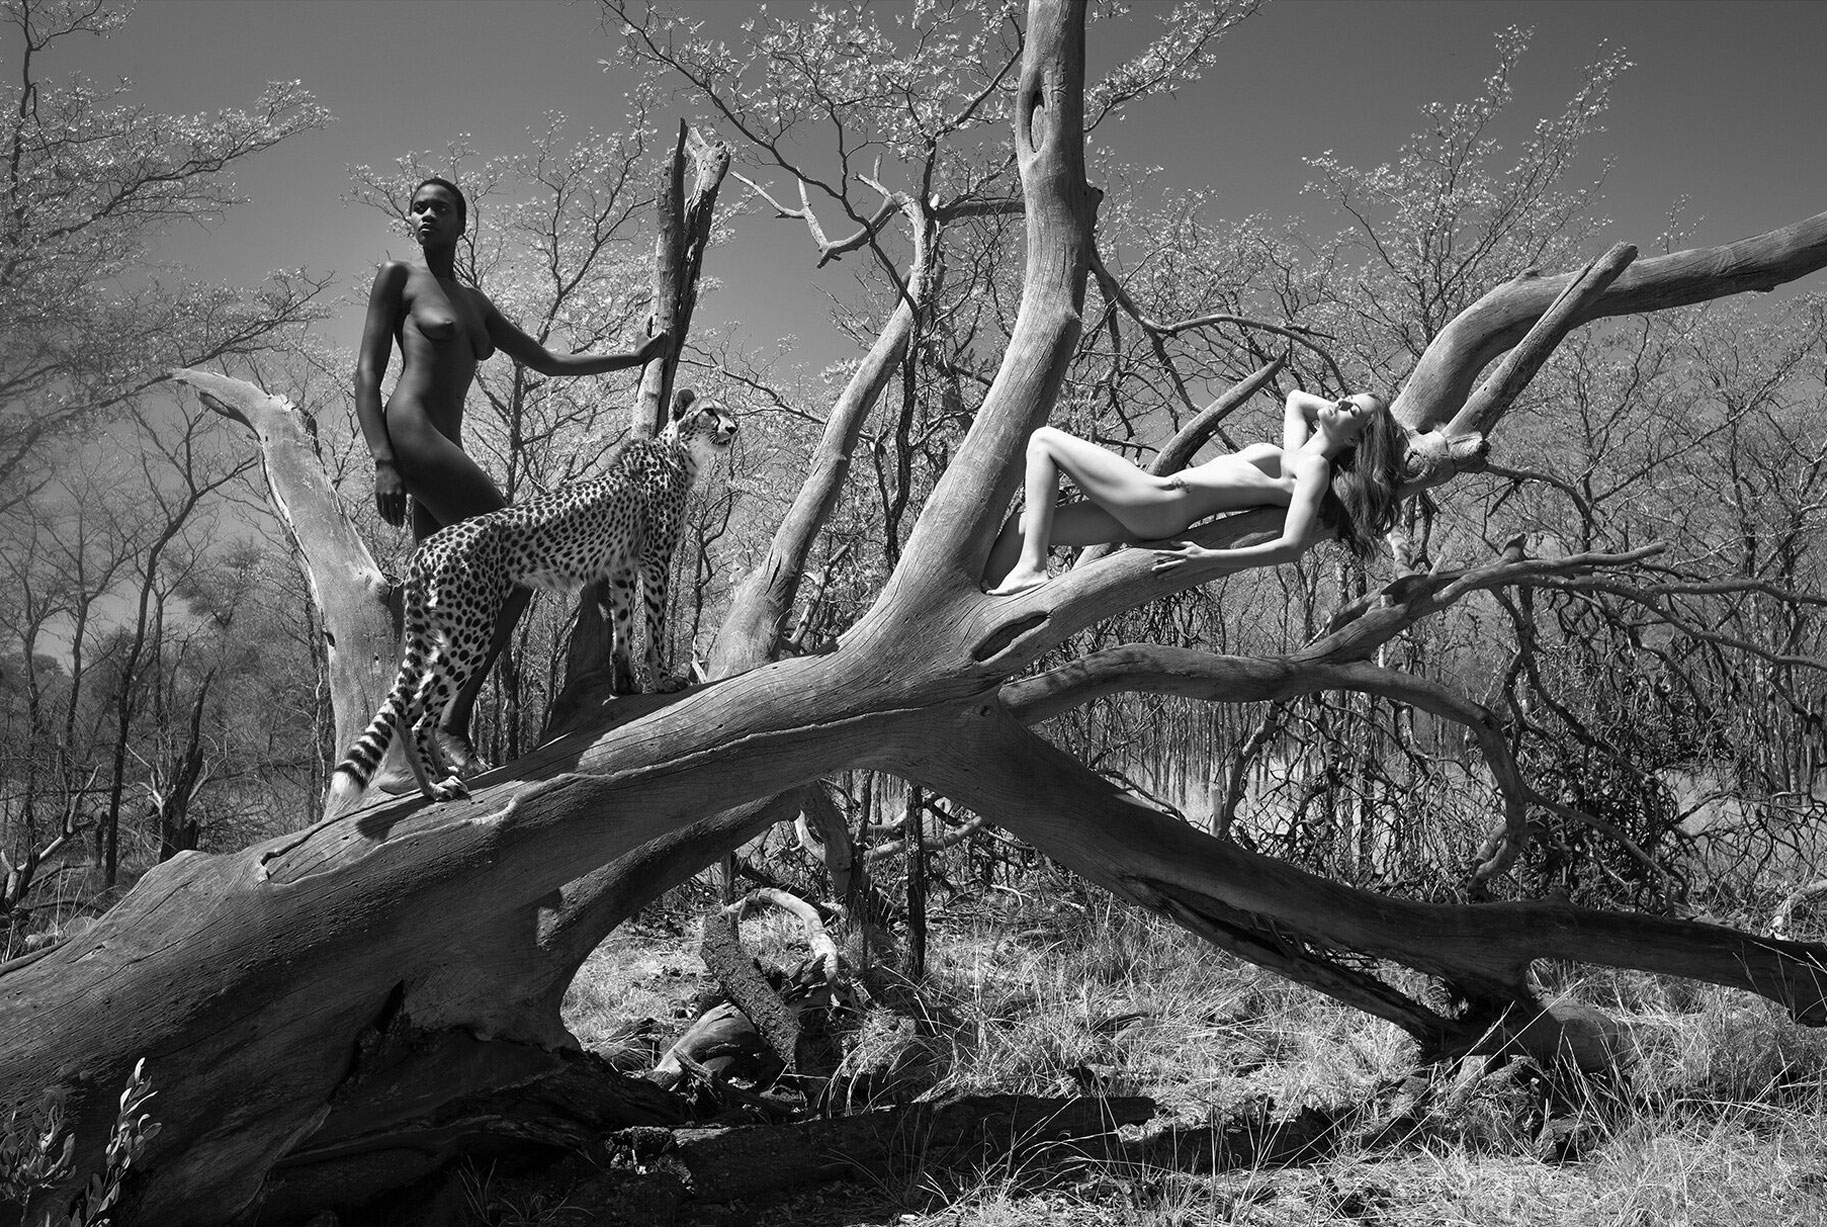 эротический календарь 12 чудес природы / Африка 2019 / фото 10